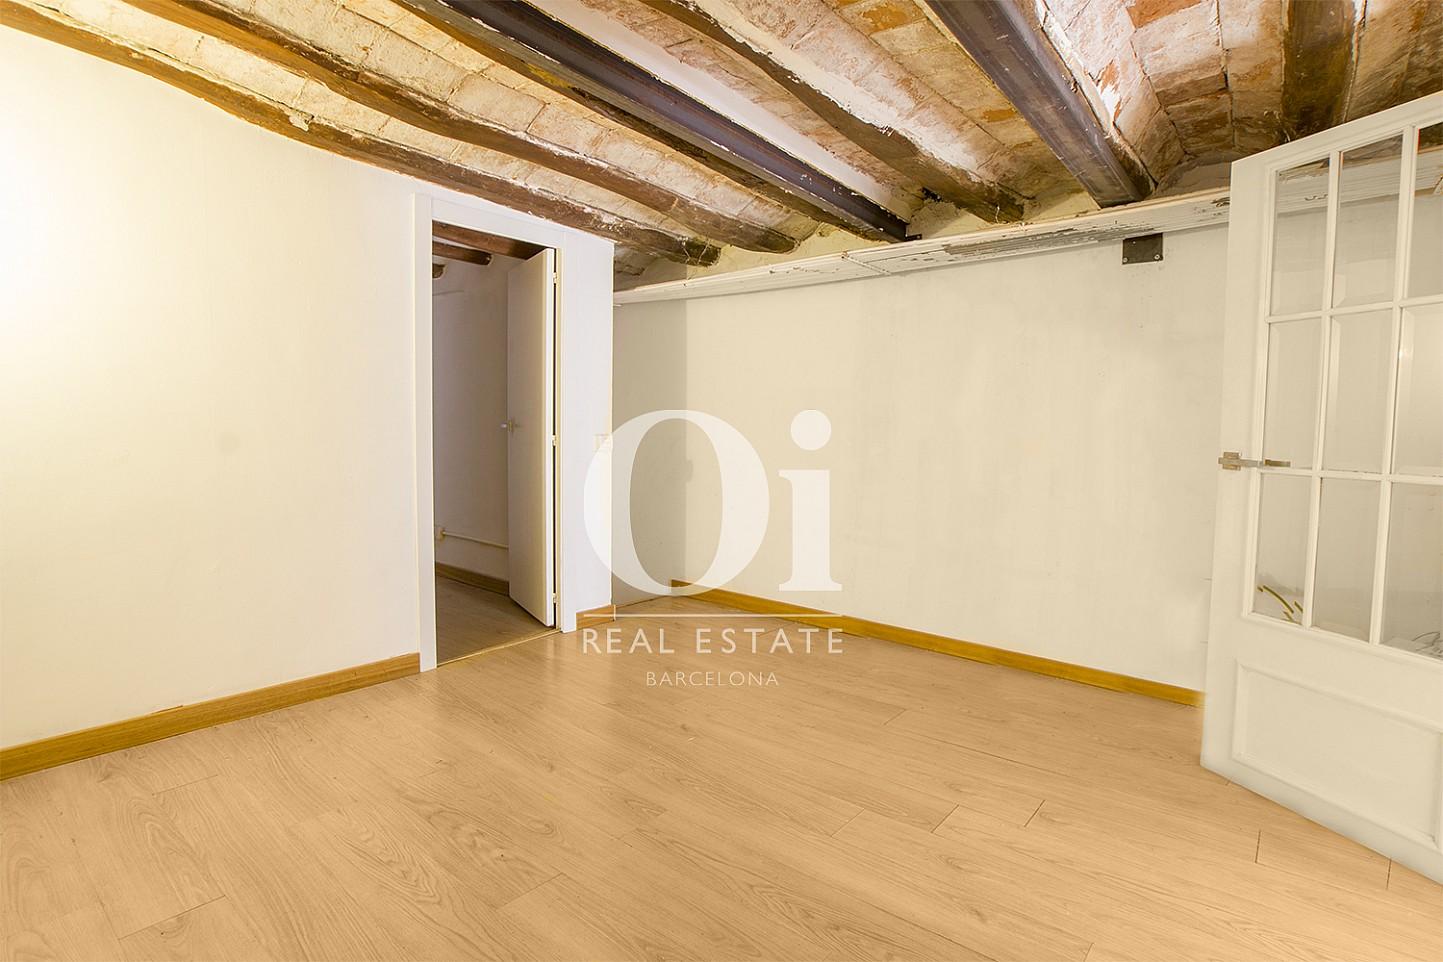 Habiatción de piso dúplex en venta en la zona de Poblenou, Barcelona